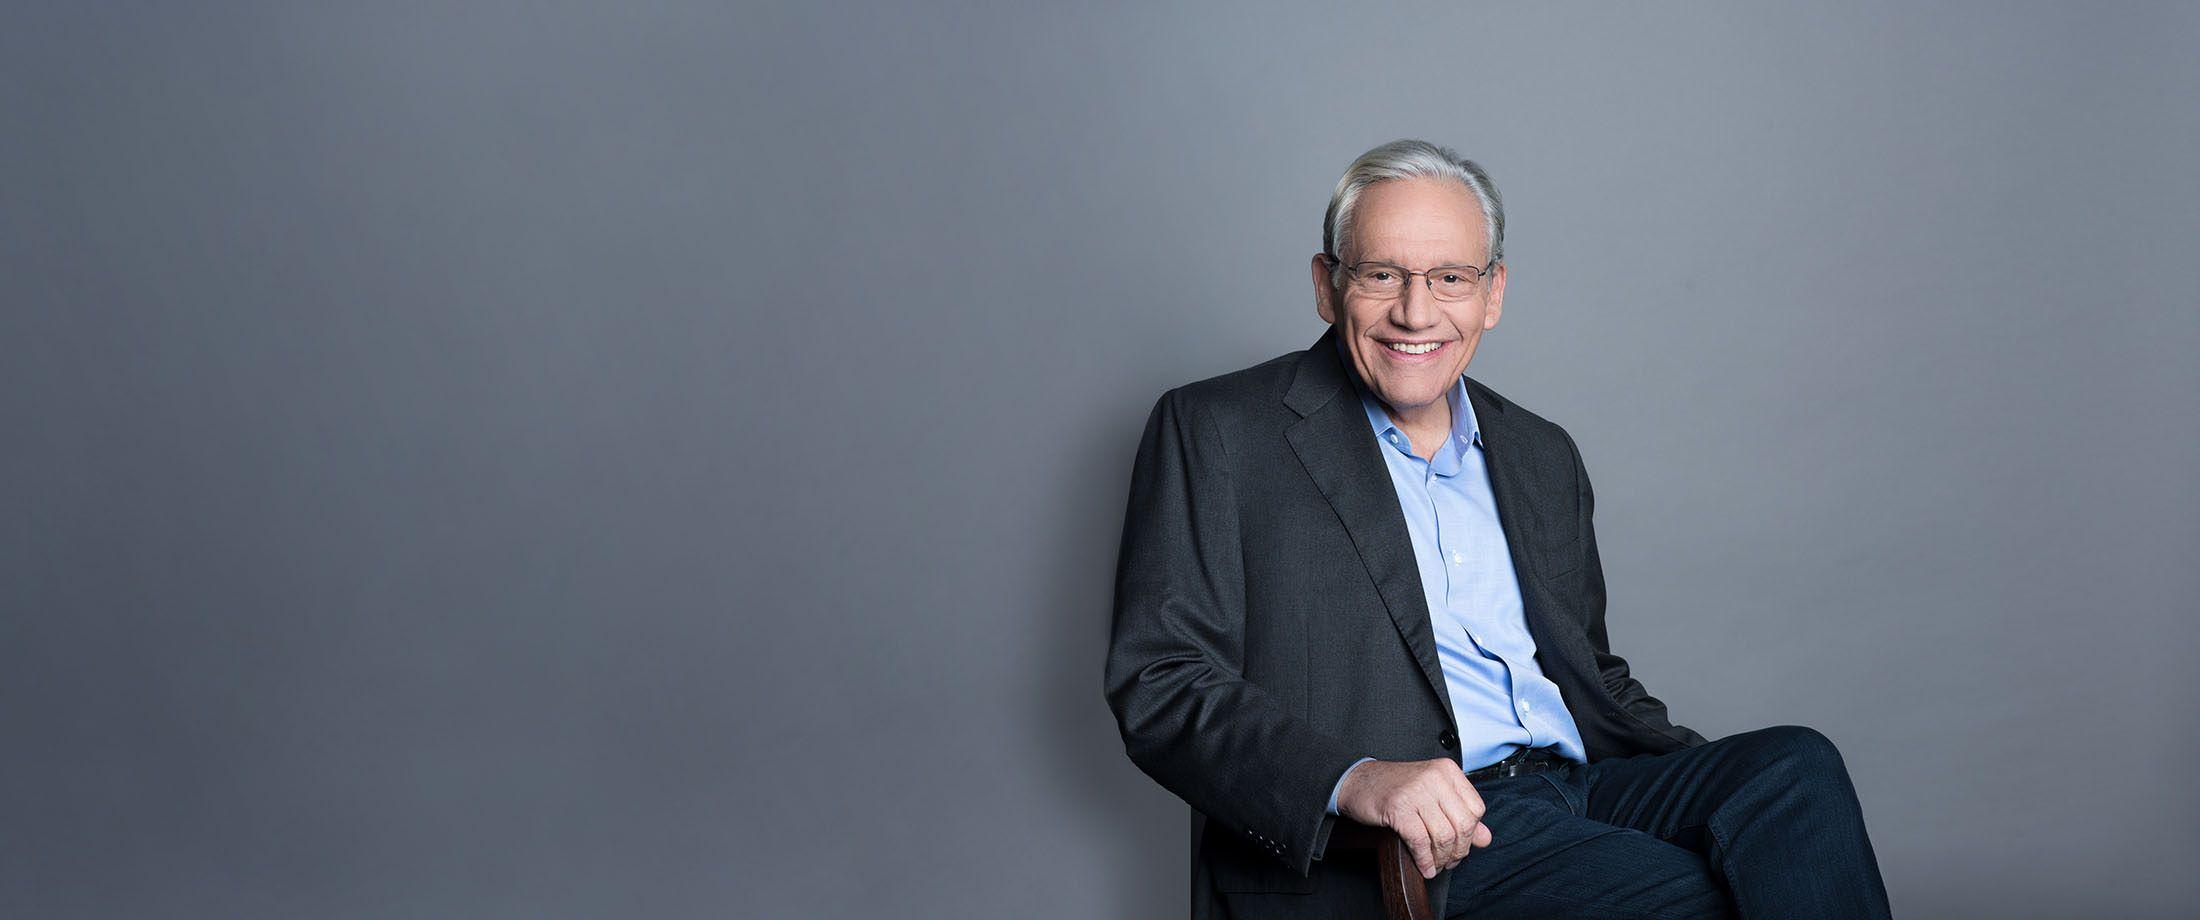 Bob Woodward o izvještavanju Watergatea i istraživačkom novinarstvu